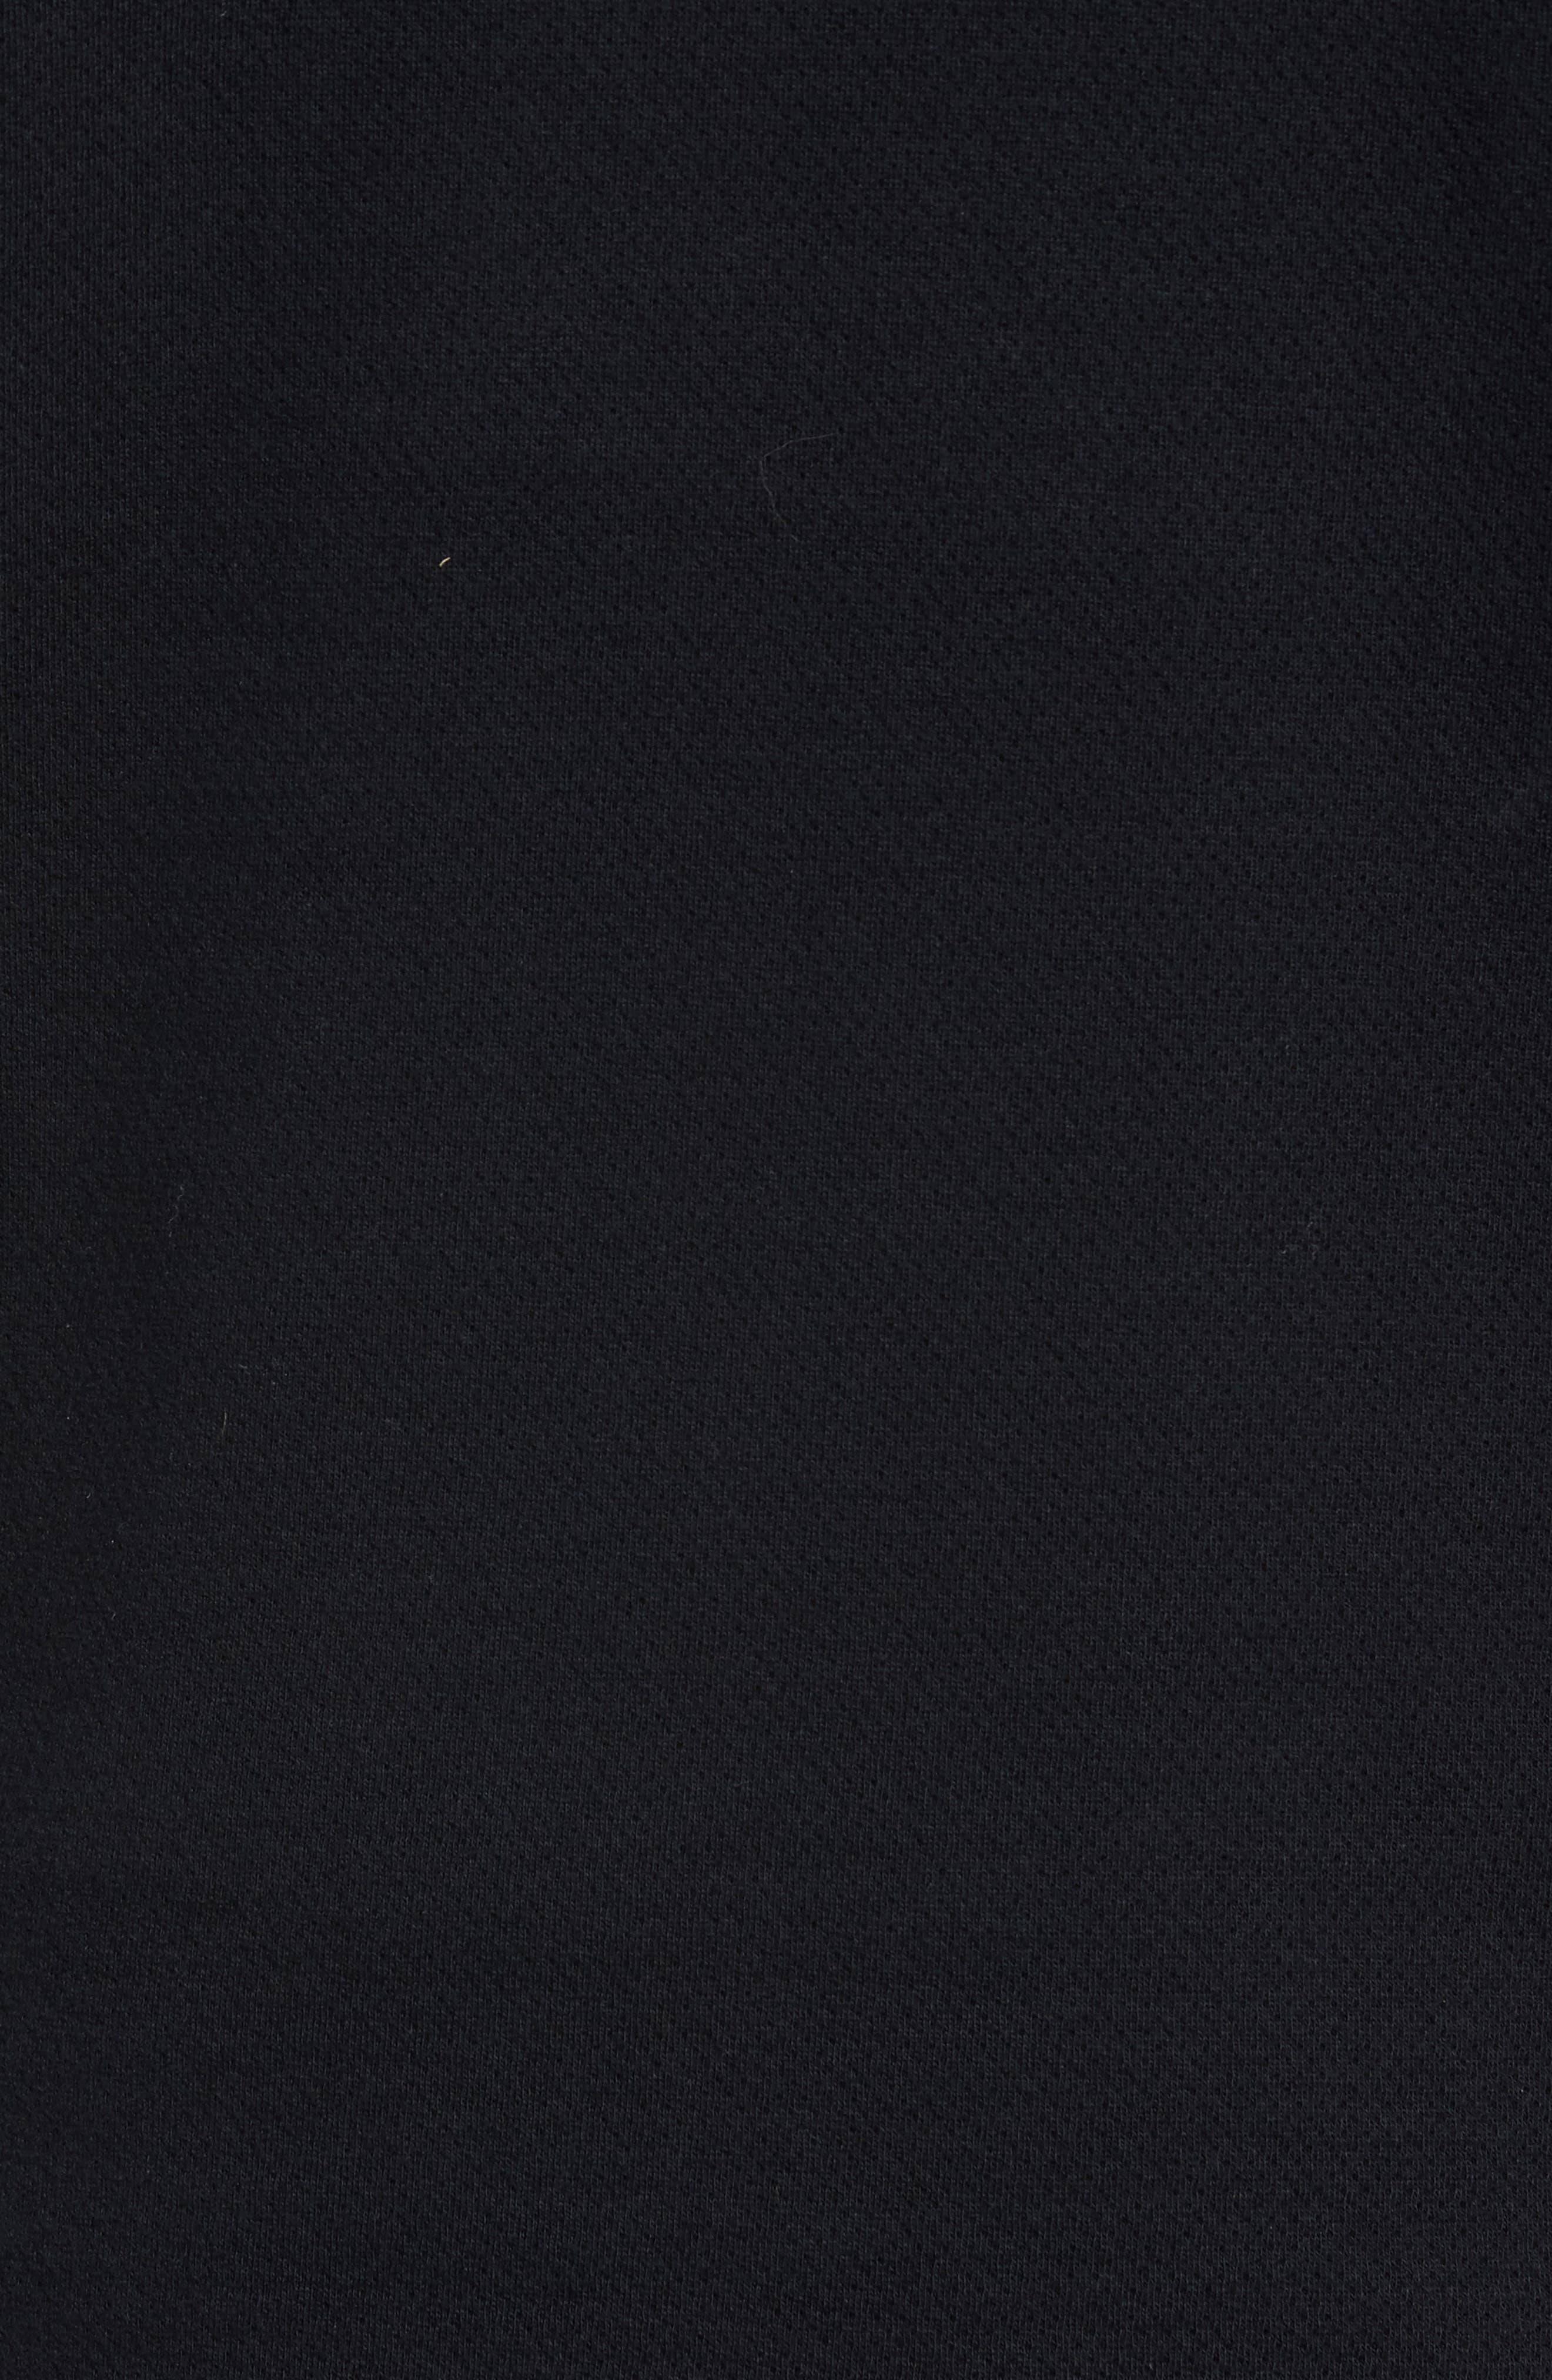 Mesh Half Zip Fleece Top,                             Alternate thumbnail 6, color,                             Black